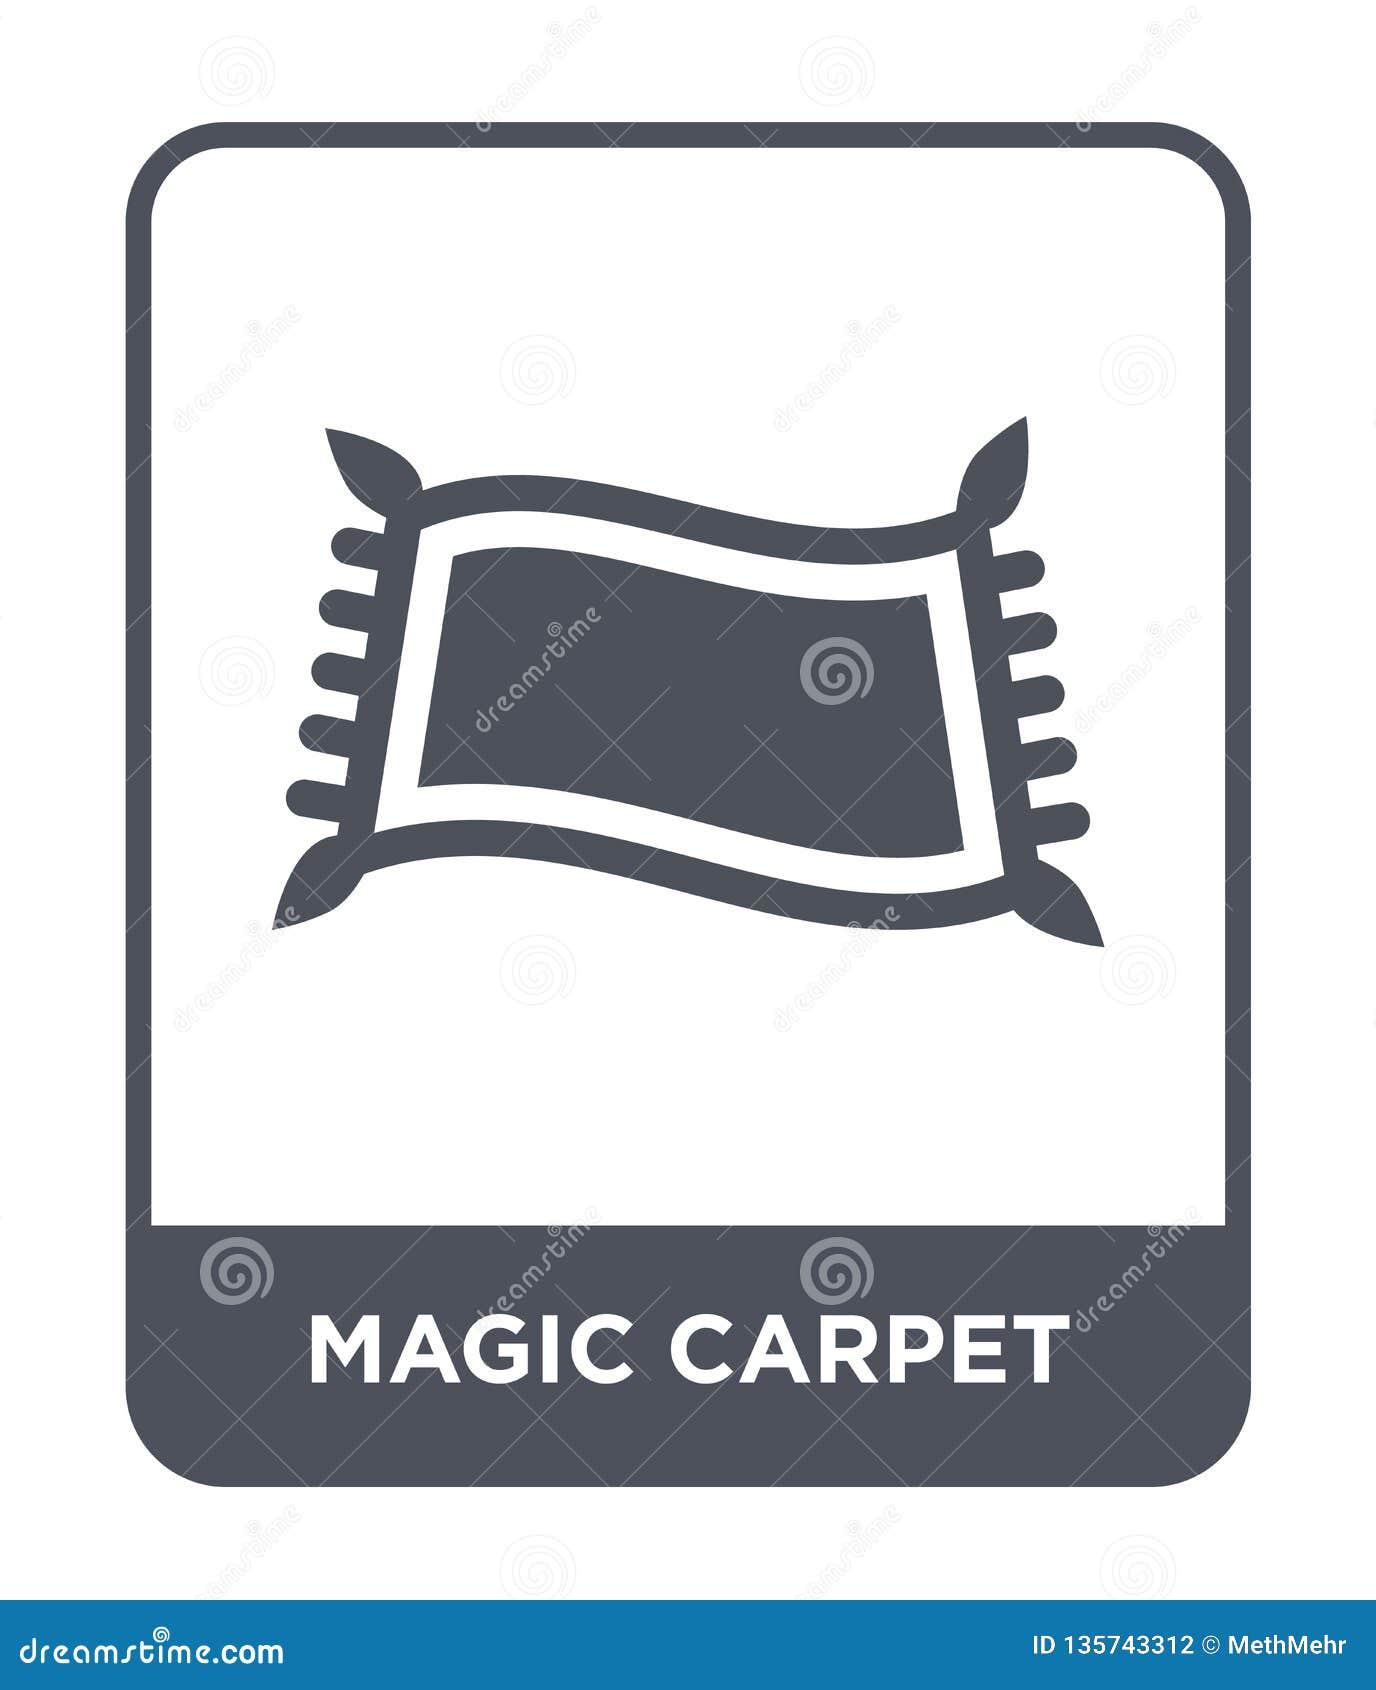 Magiczna dywanowa ikona w modnym projekta stylu magiczna dywanowa ikona odizolowywająca na białym tle magiczna dywanowa wektorowa